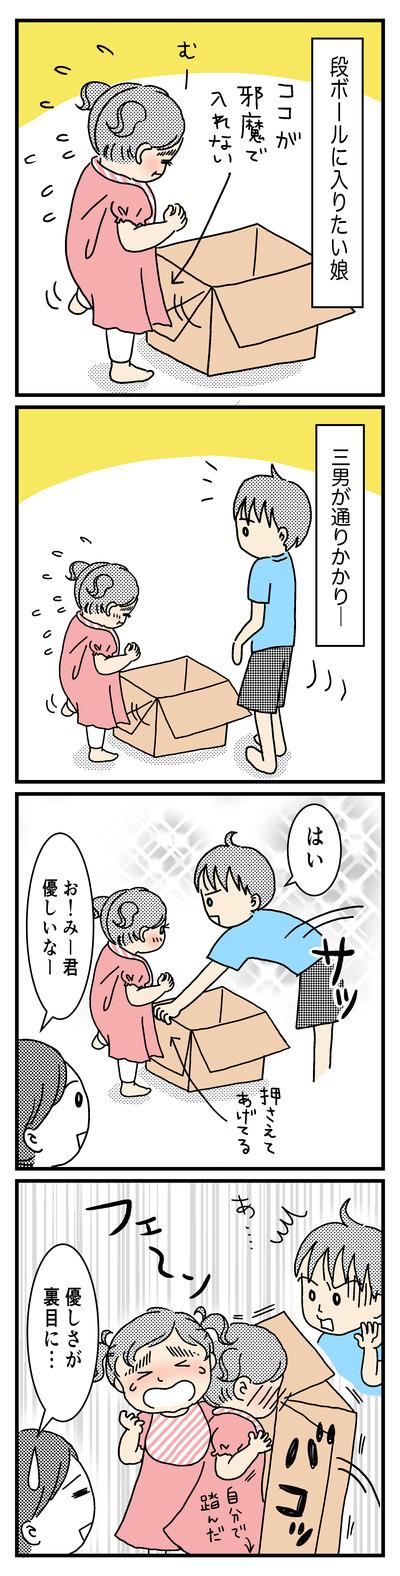 91 優しさが裏目に(1才〜1才半)